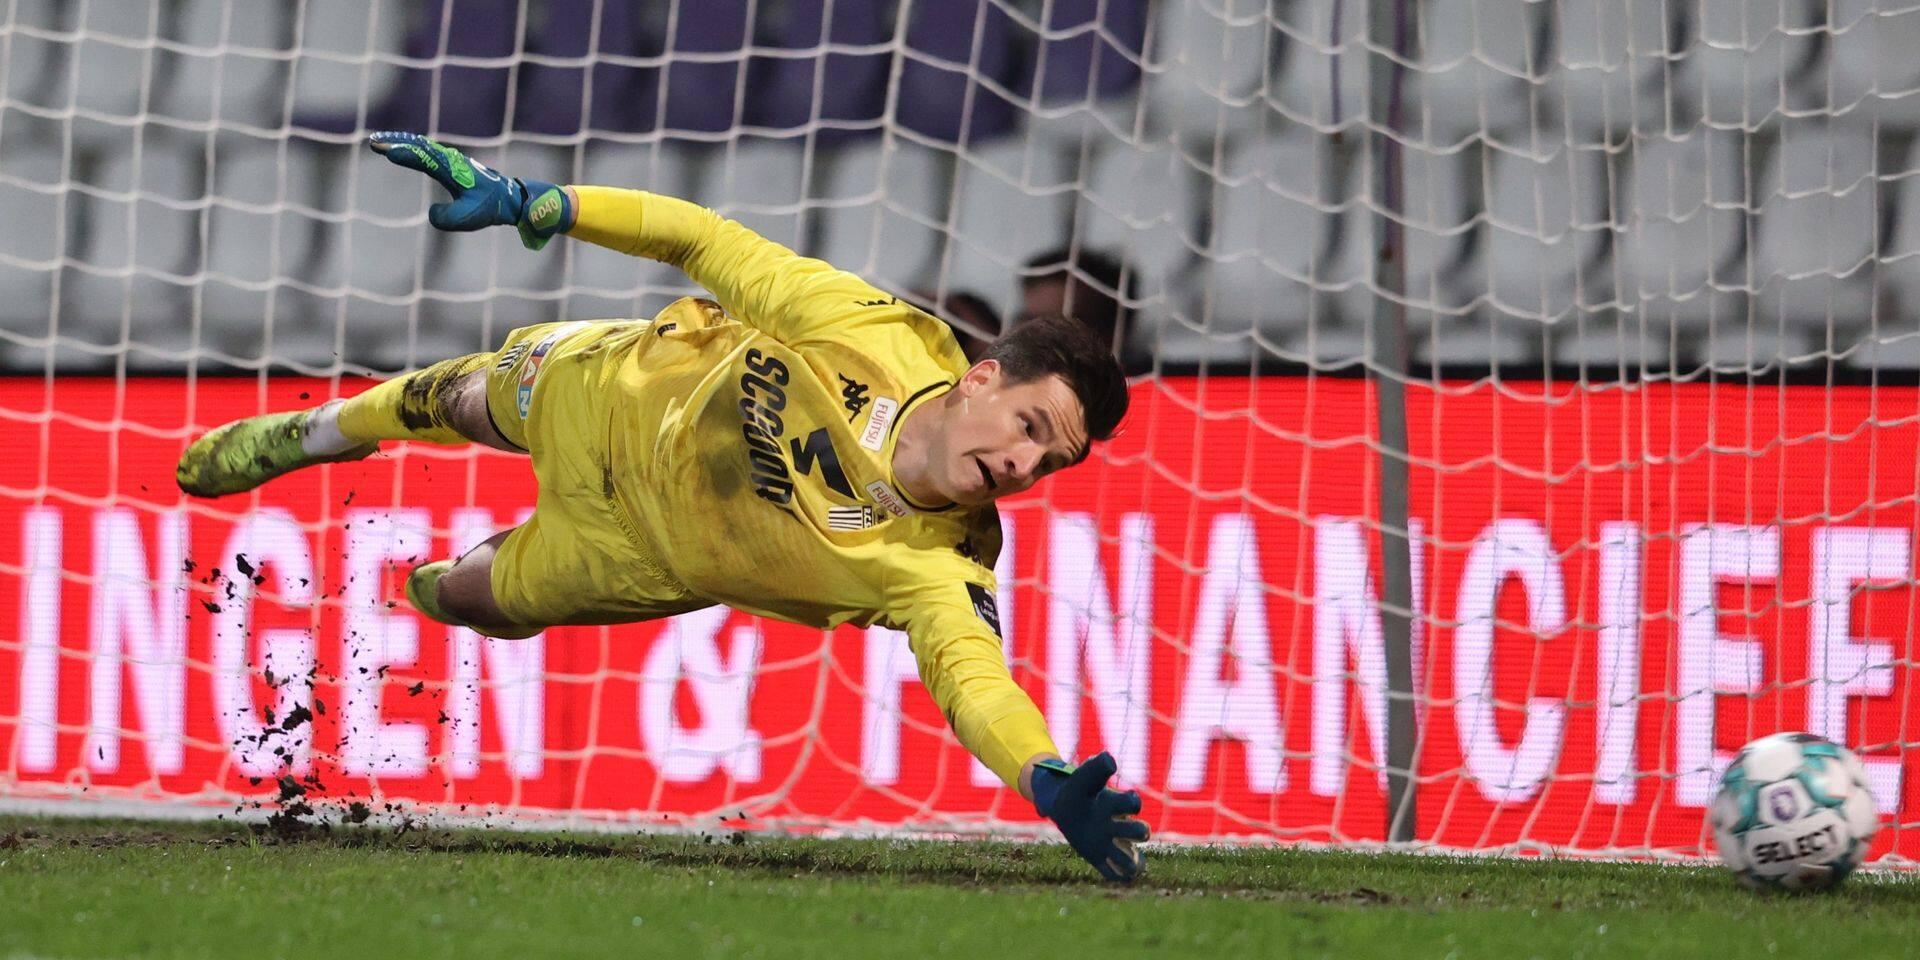 Le gardien Rémy Descamps quitte Charleroi pour le FC Nantes